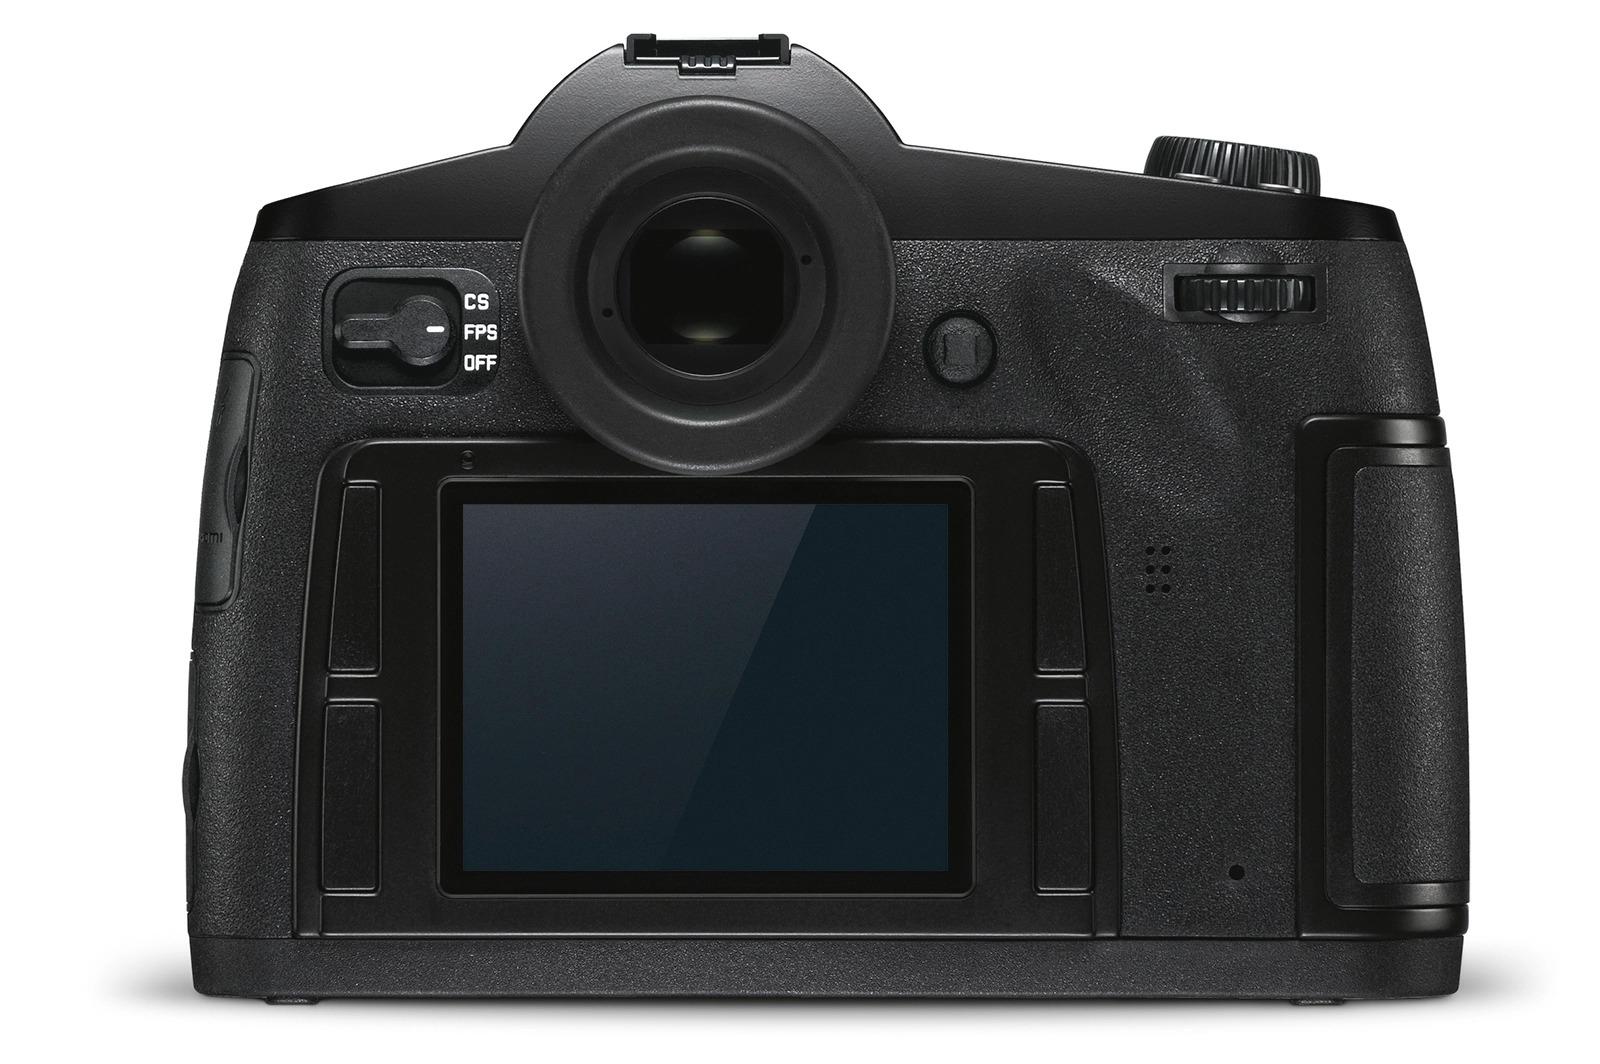 Leica S3 ra mắt với cảm biến Medium Format 64MP và quay video 4K - 4